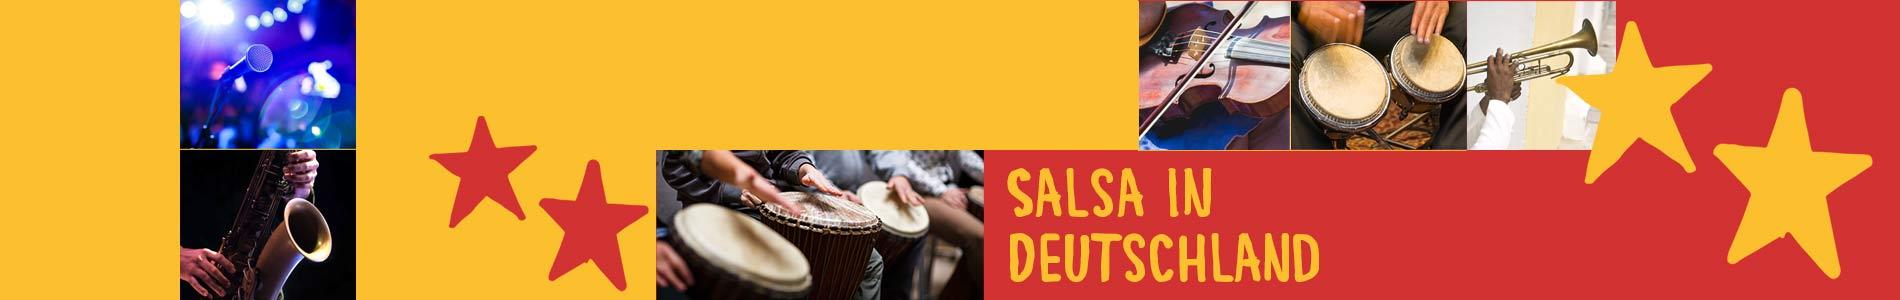 Salsa in Borstel-Hohenraden – Salsa lernen und tanzen, Tanzkurse, Partys, Veranstaltungen